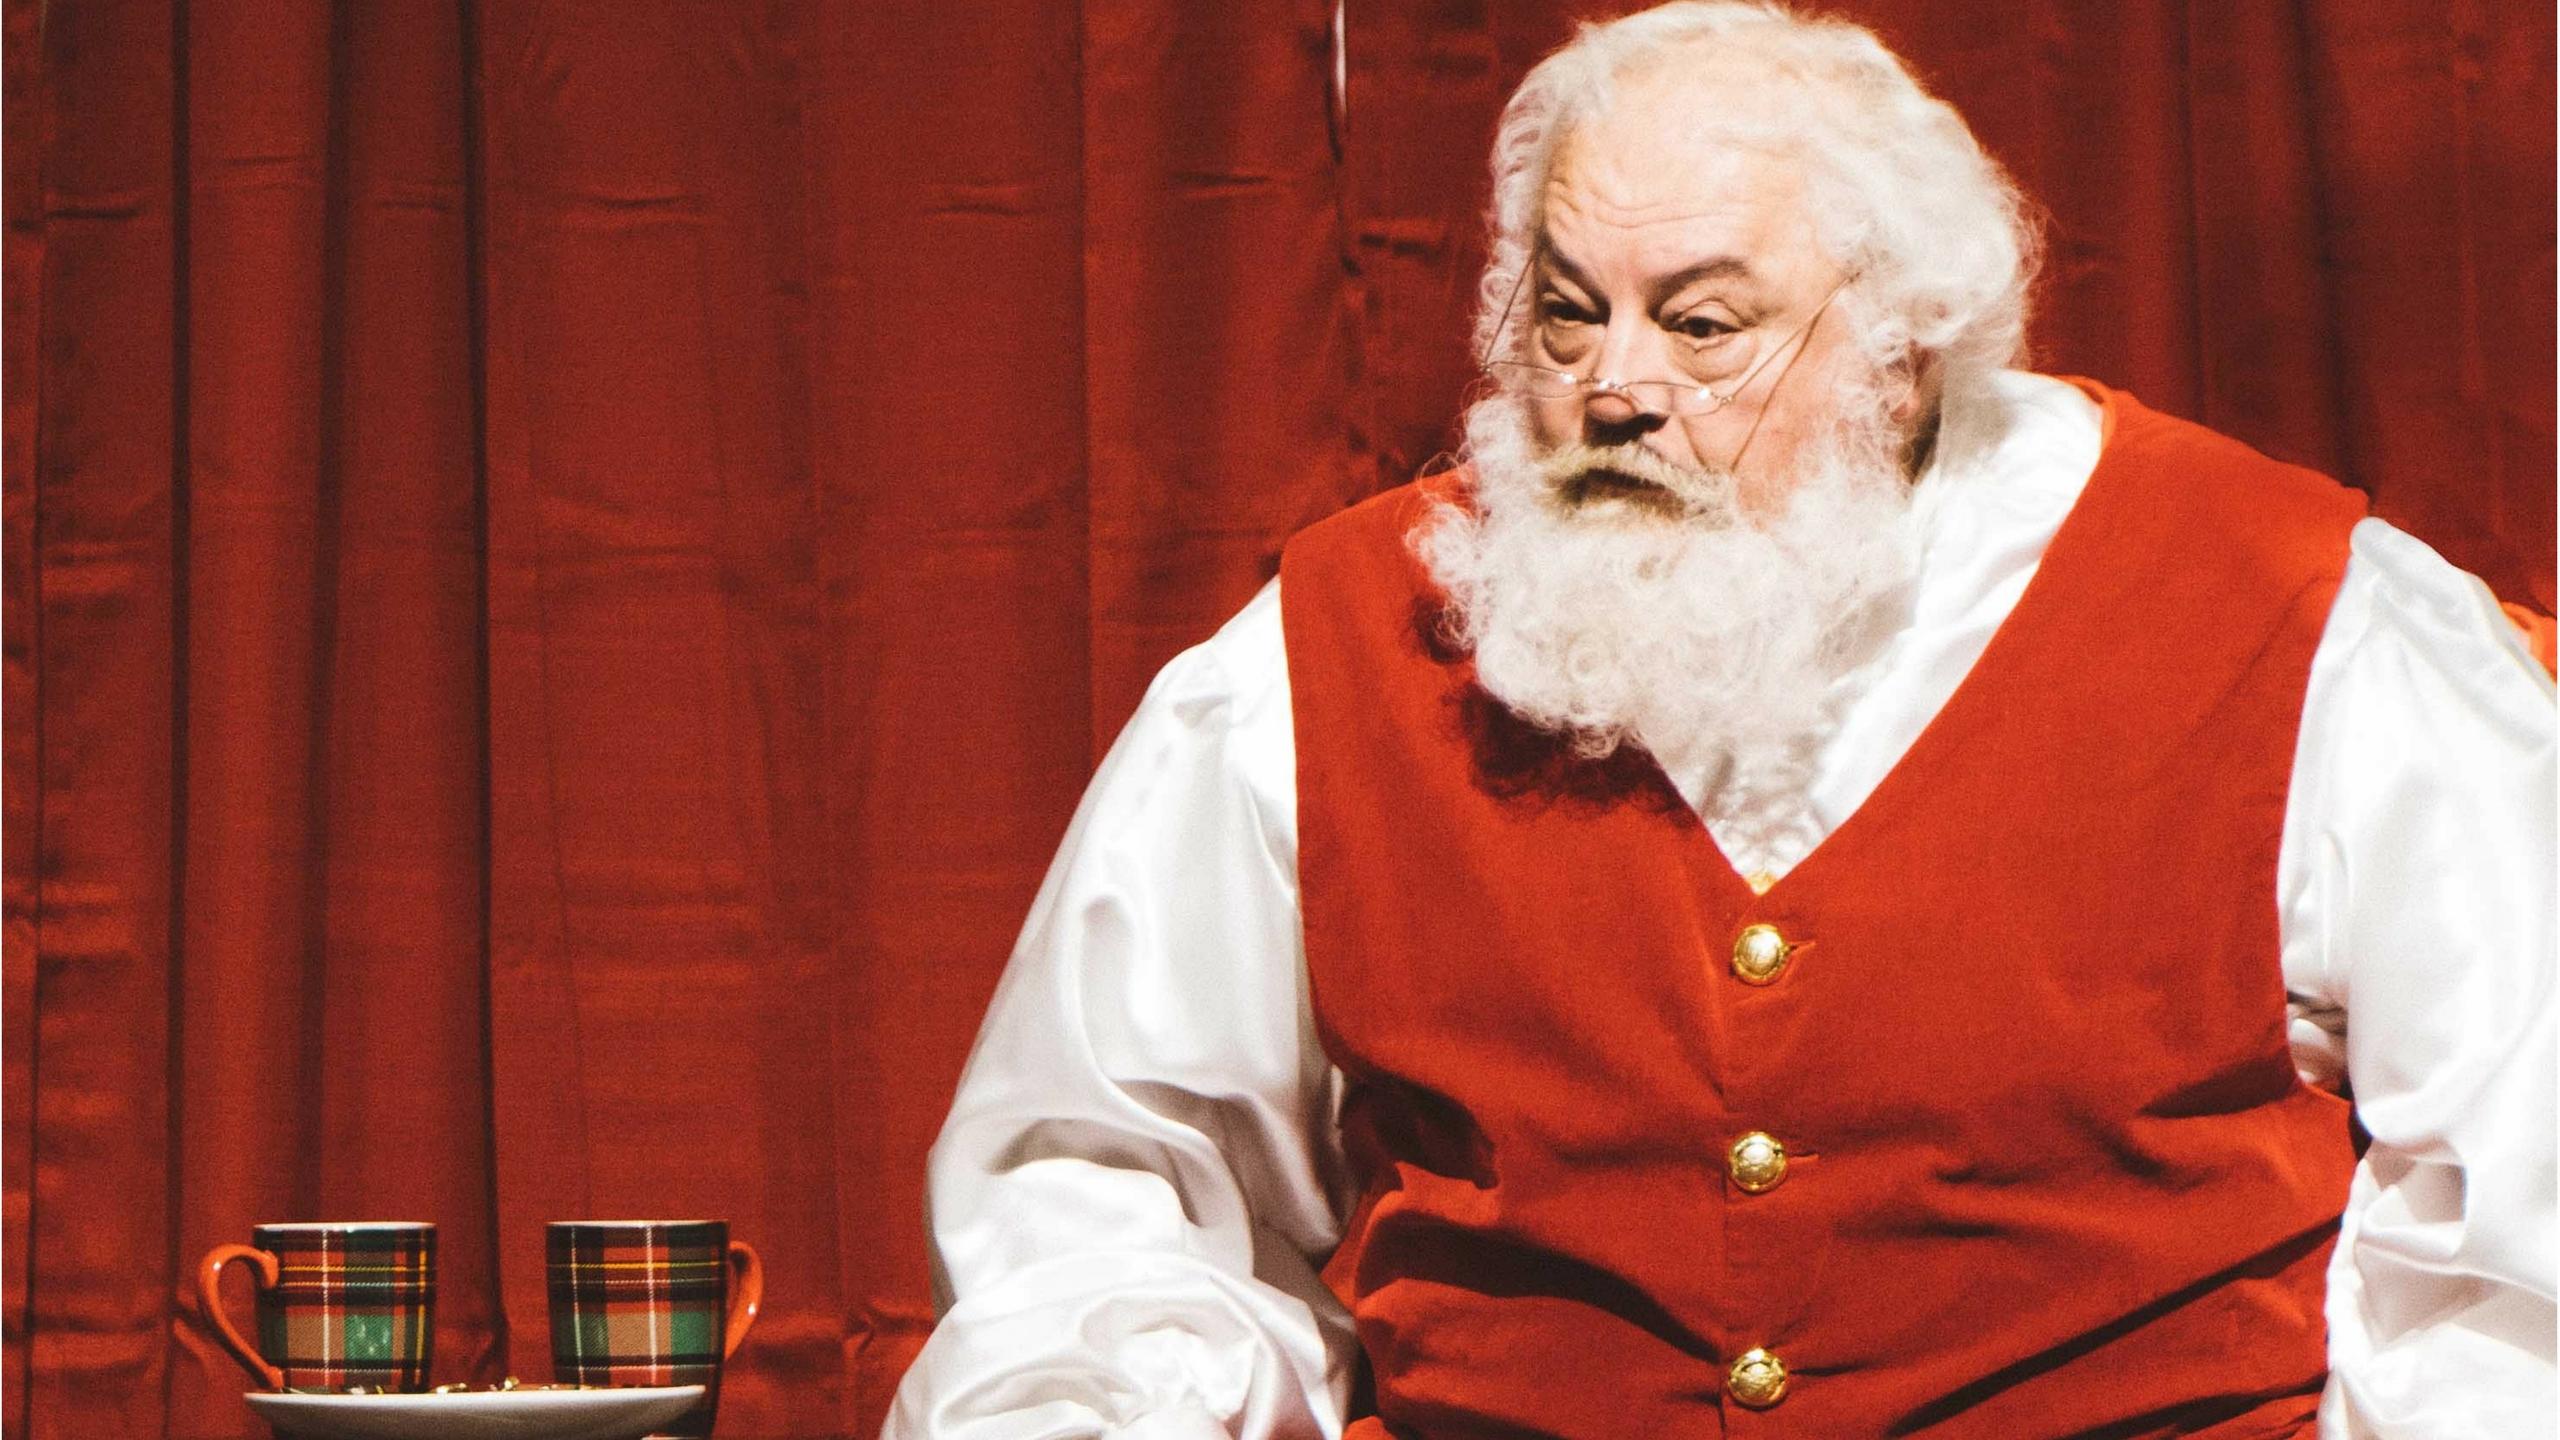 Die heute bekannte Figur des Santa Claus gibt es seit 1931. Verantwortlich für sein Aussehen ist der Cartoonist und Grafiker Haddon Sundblom.